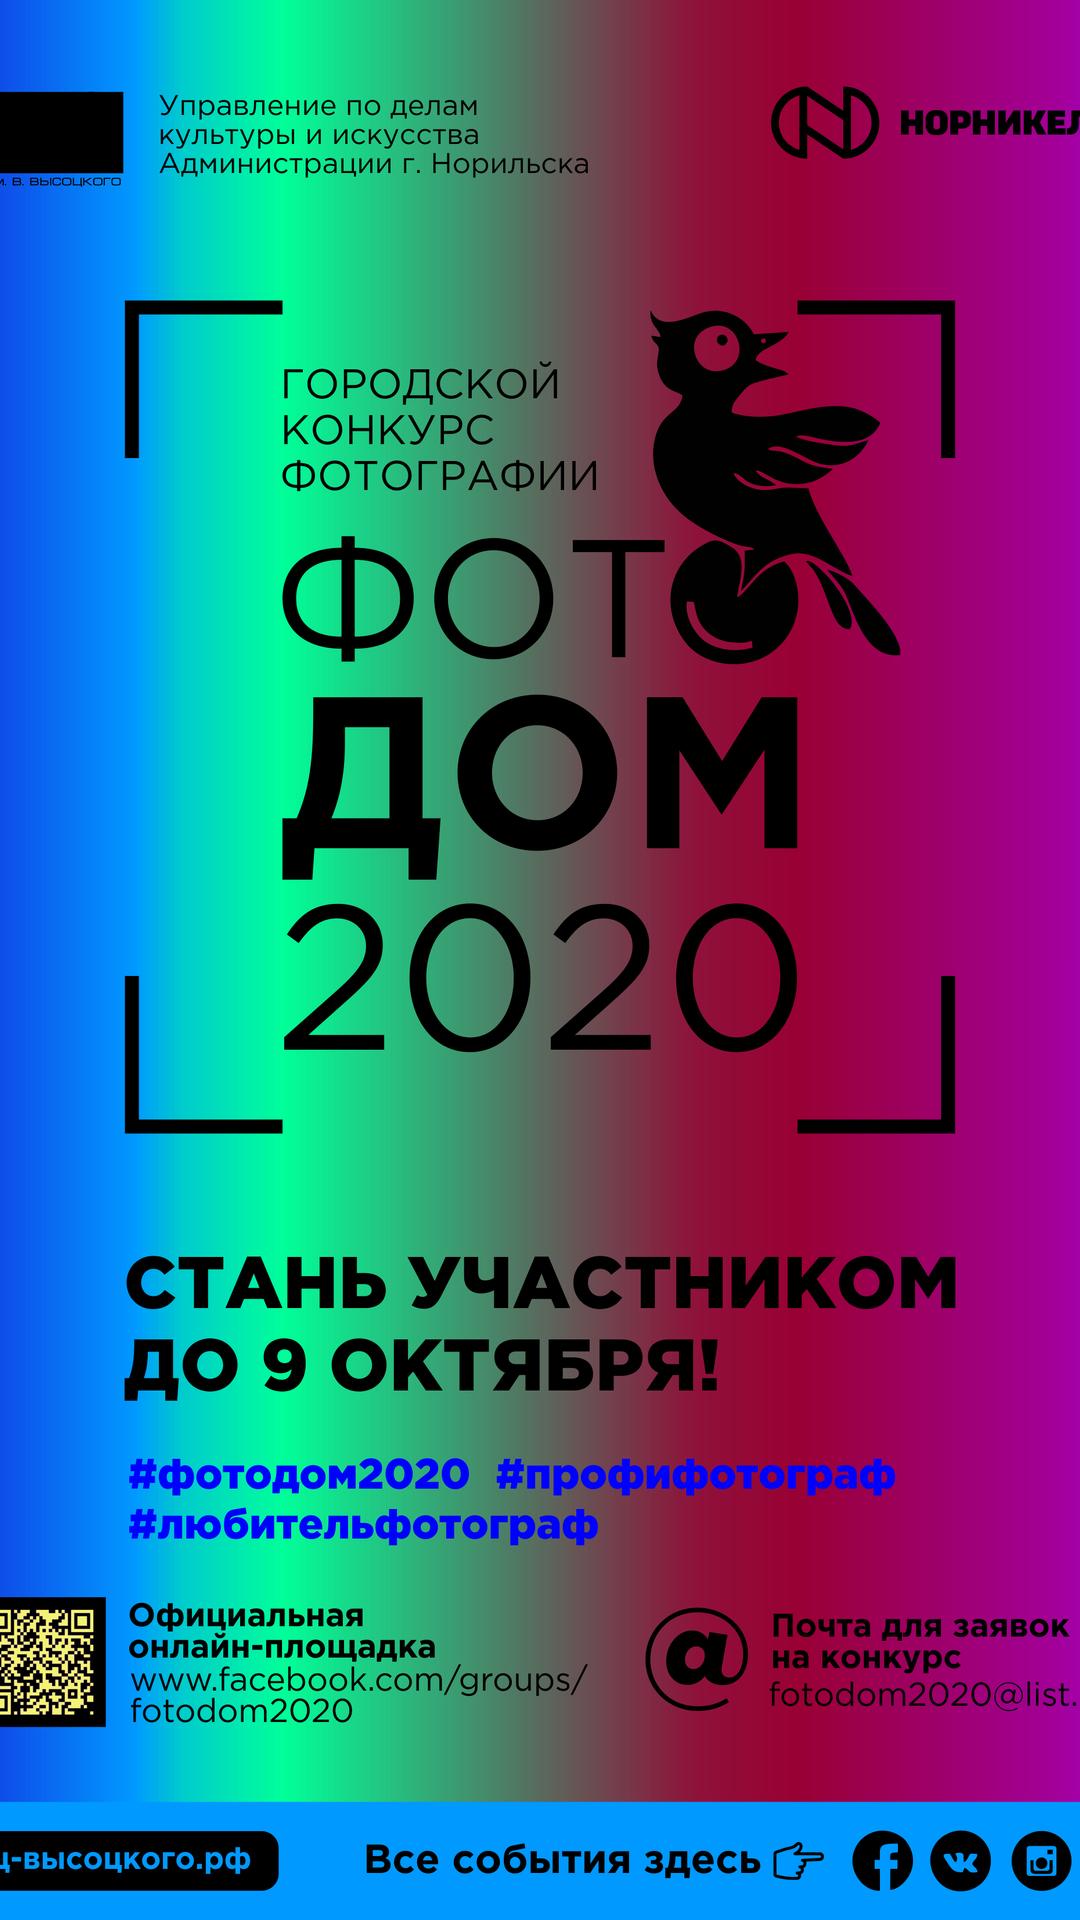 Конкурс для фотографов «Фотодом -2020»